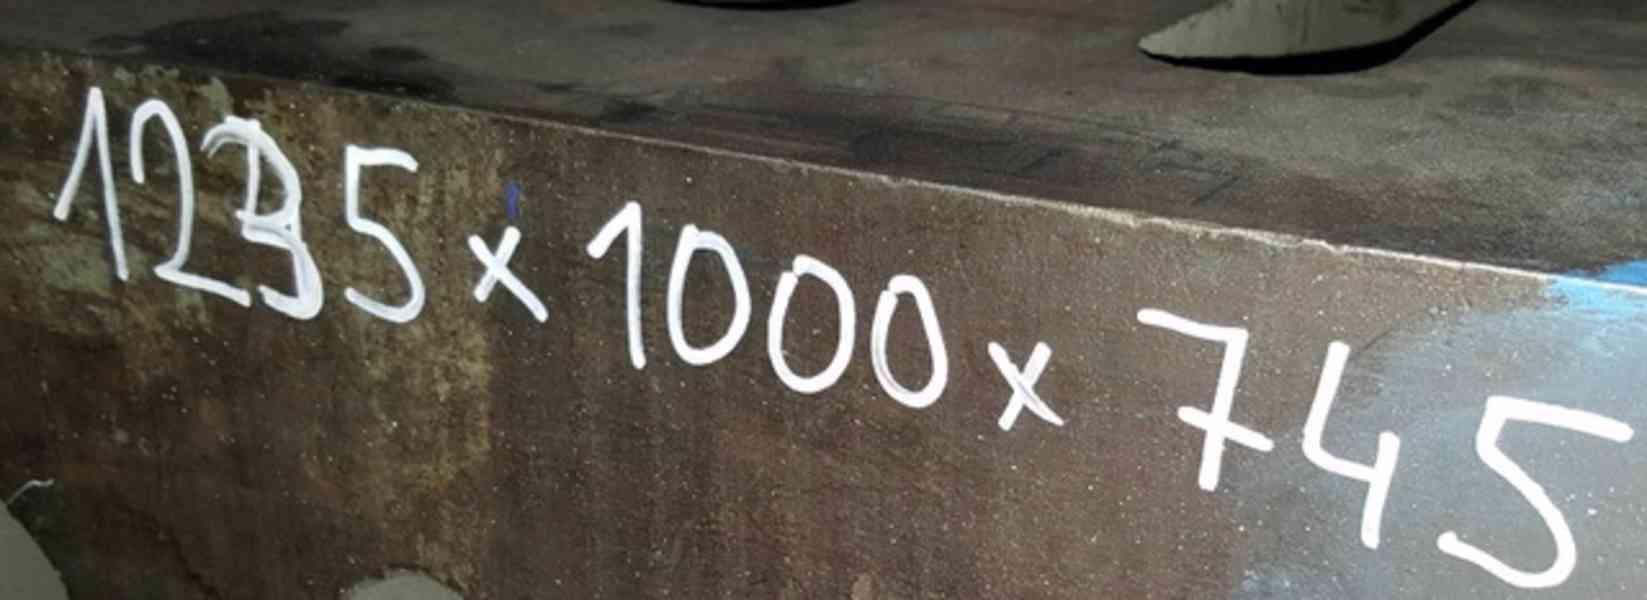 Kostka upínací litinová - 2 kusy 1235x990x740 (10536.) - foto 3